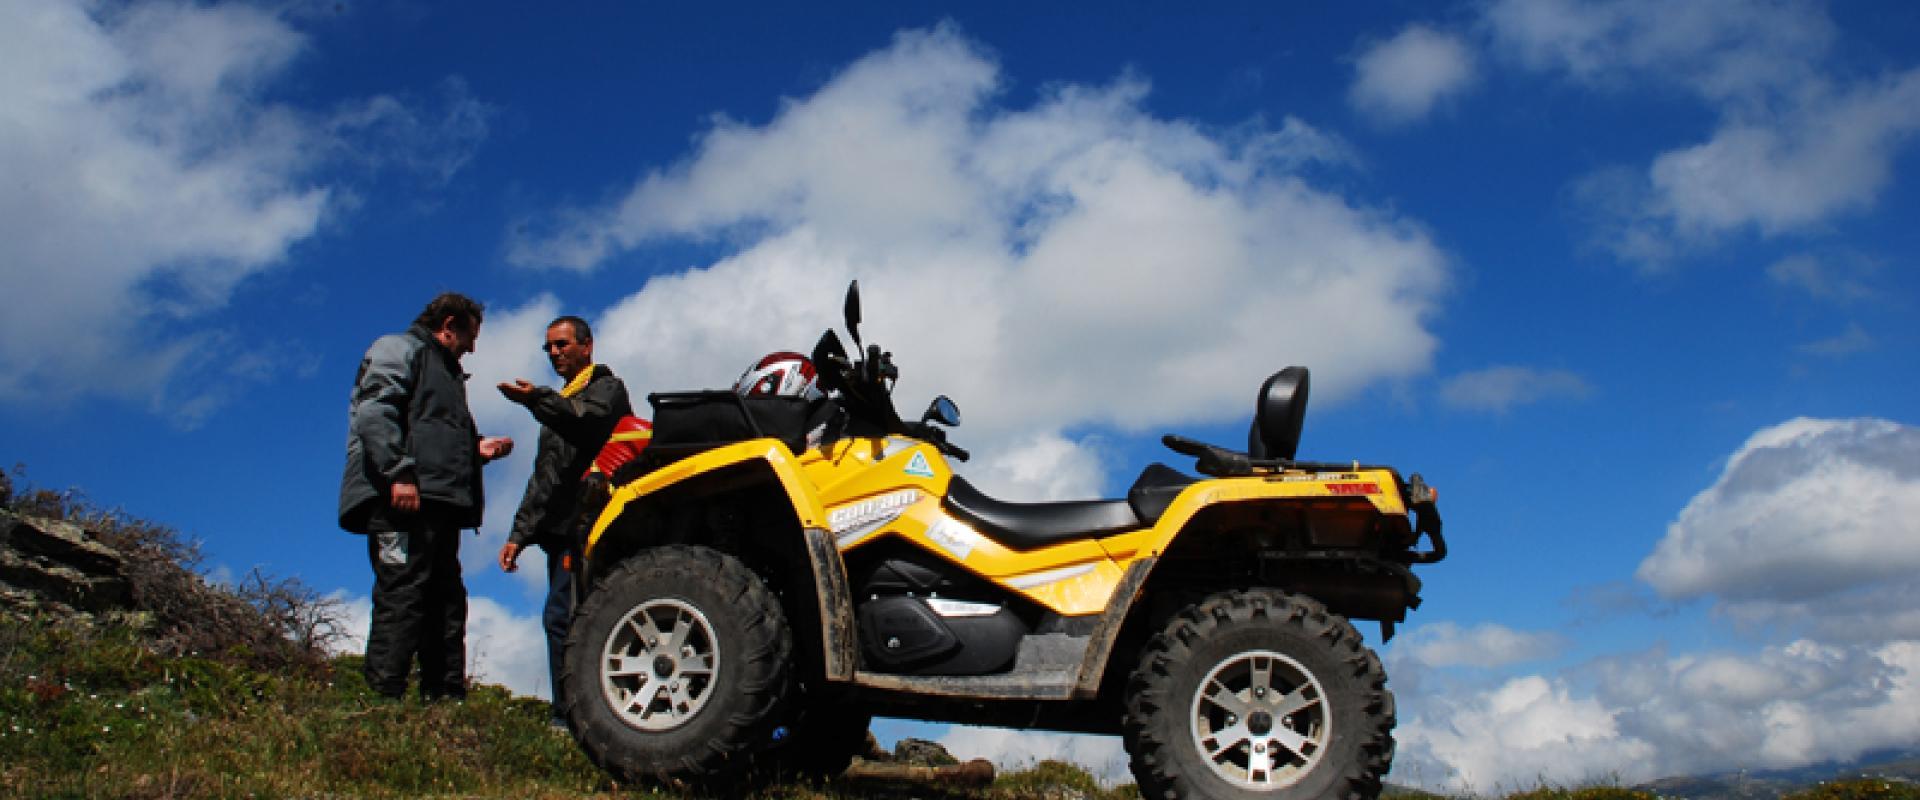 quad experience in Sardinia